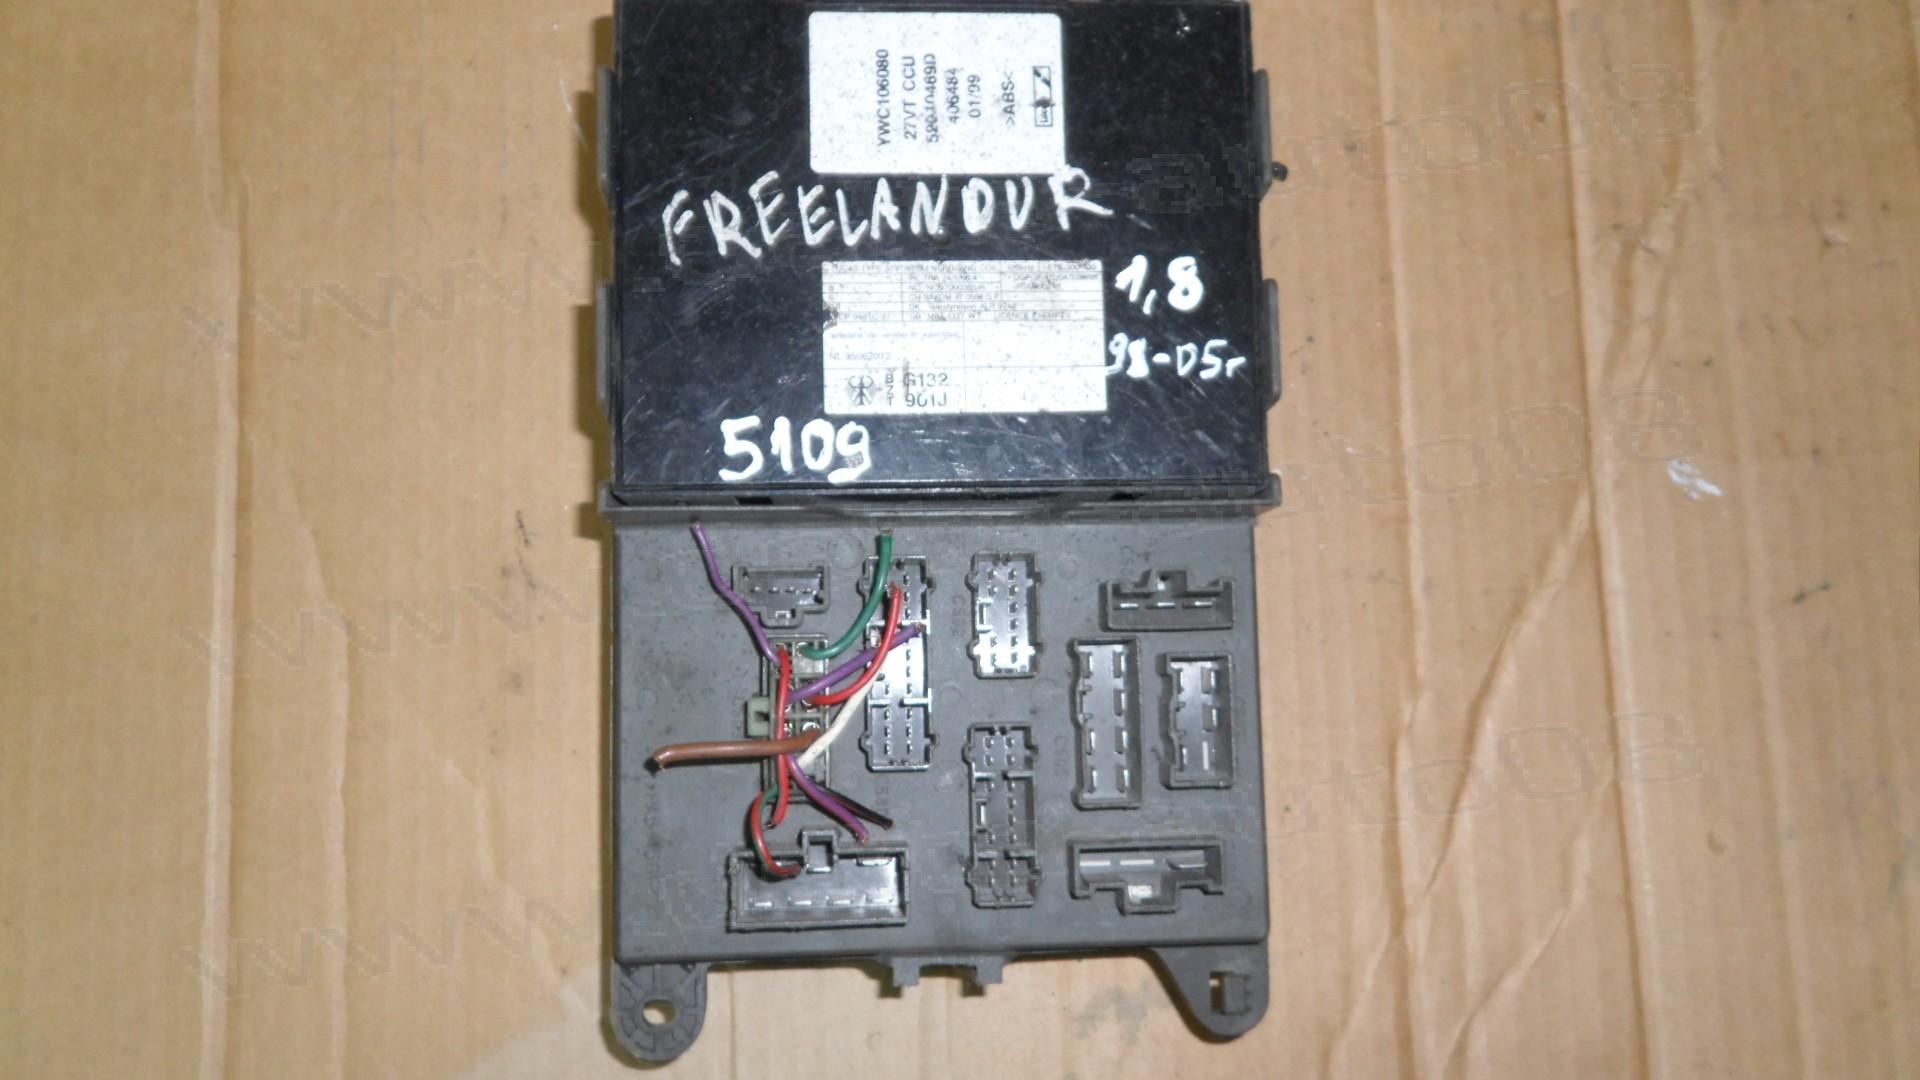 Бушонно табло, модул за Land Rover Freelander 1.8, 1998-2005г., V23081-C1061-X 3, V23081C1061X3, V23081 C1061 X3, YWC106080, 52010469D